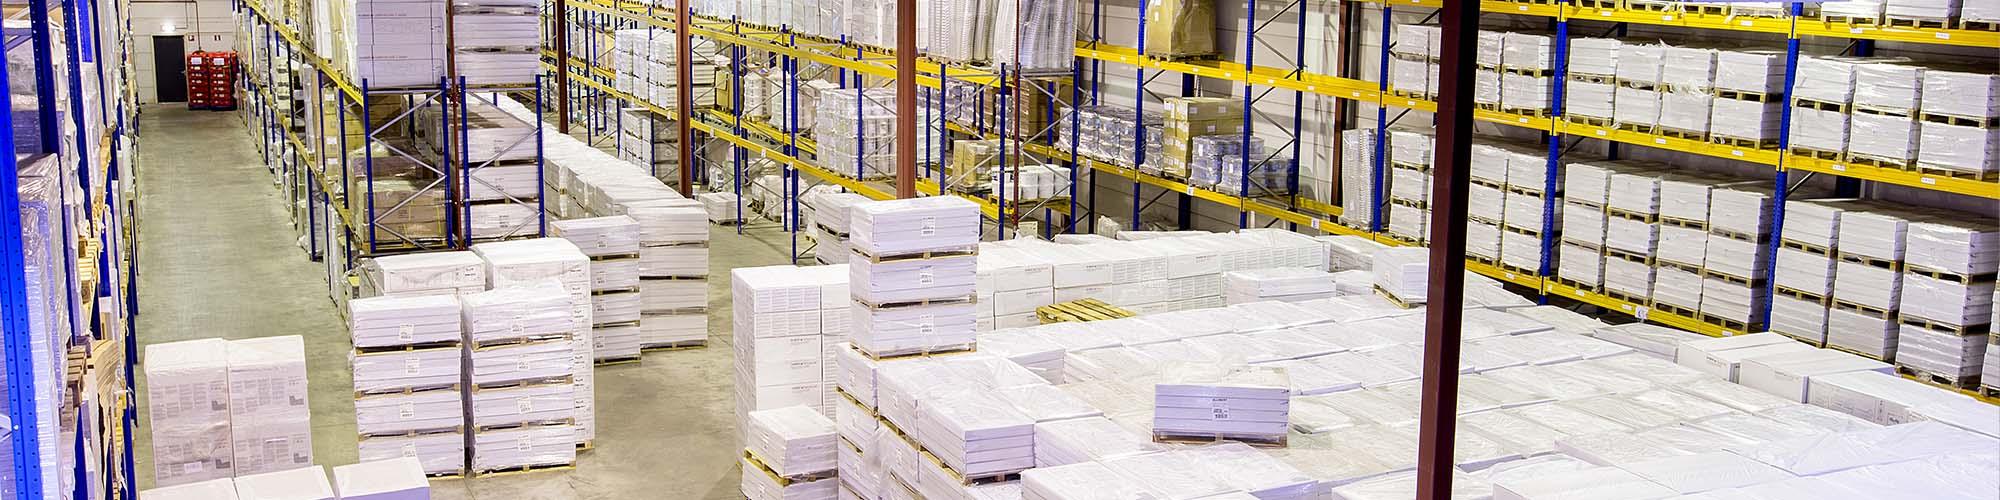 AJV Logistiek Magazijn